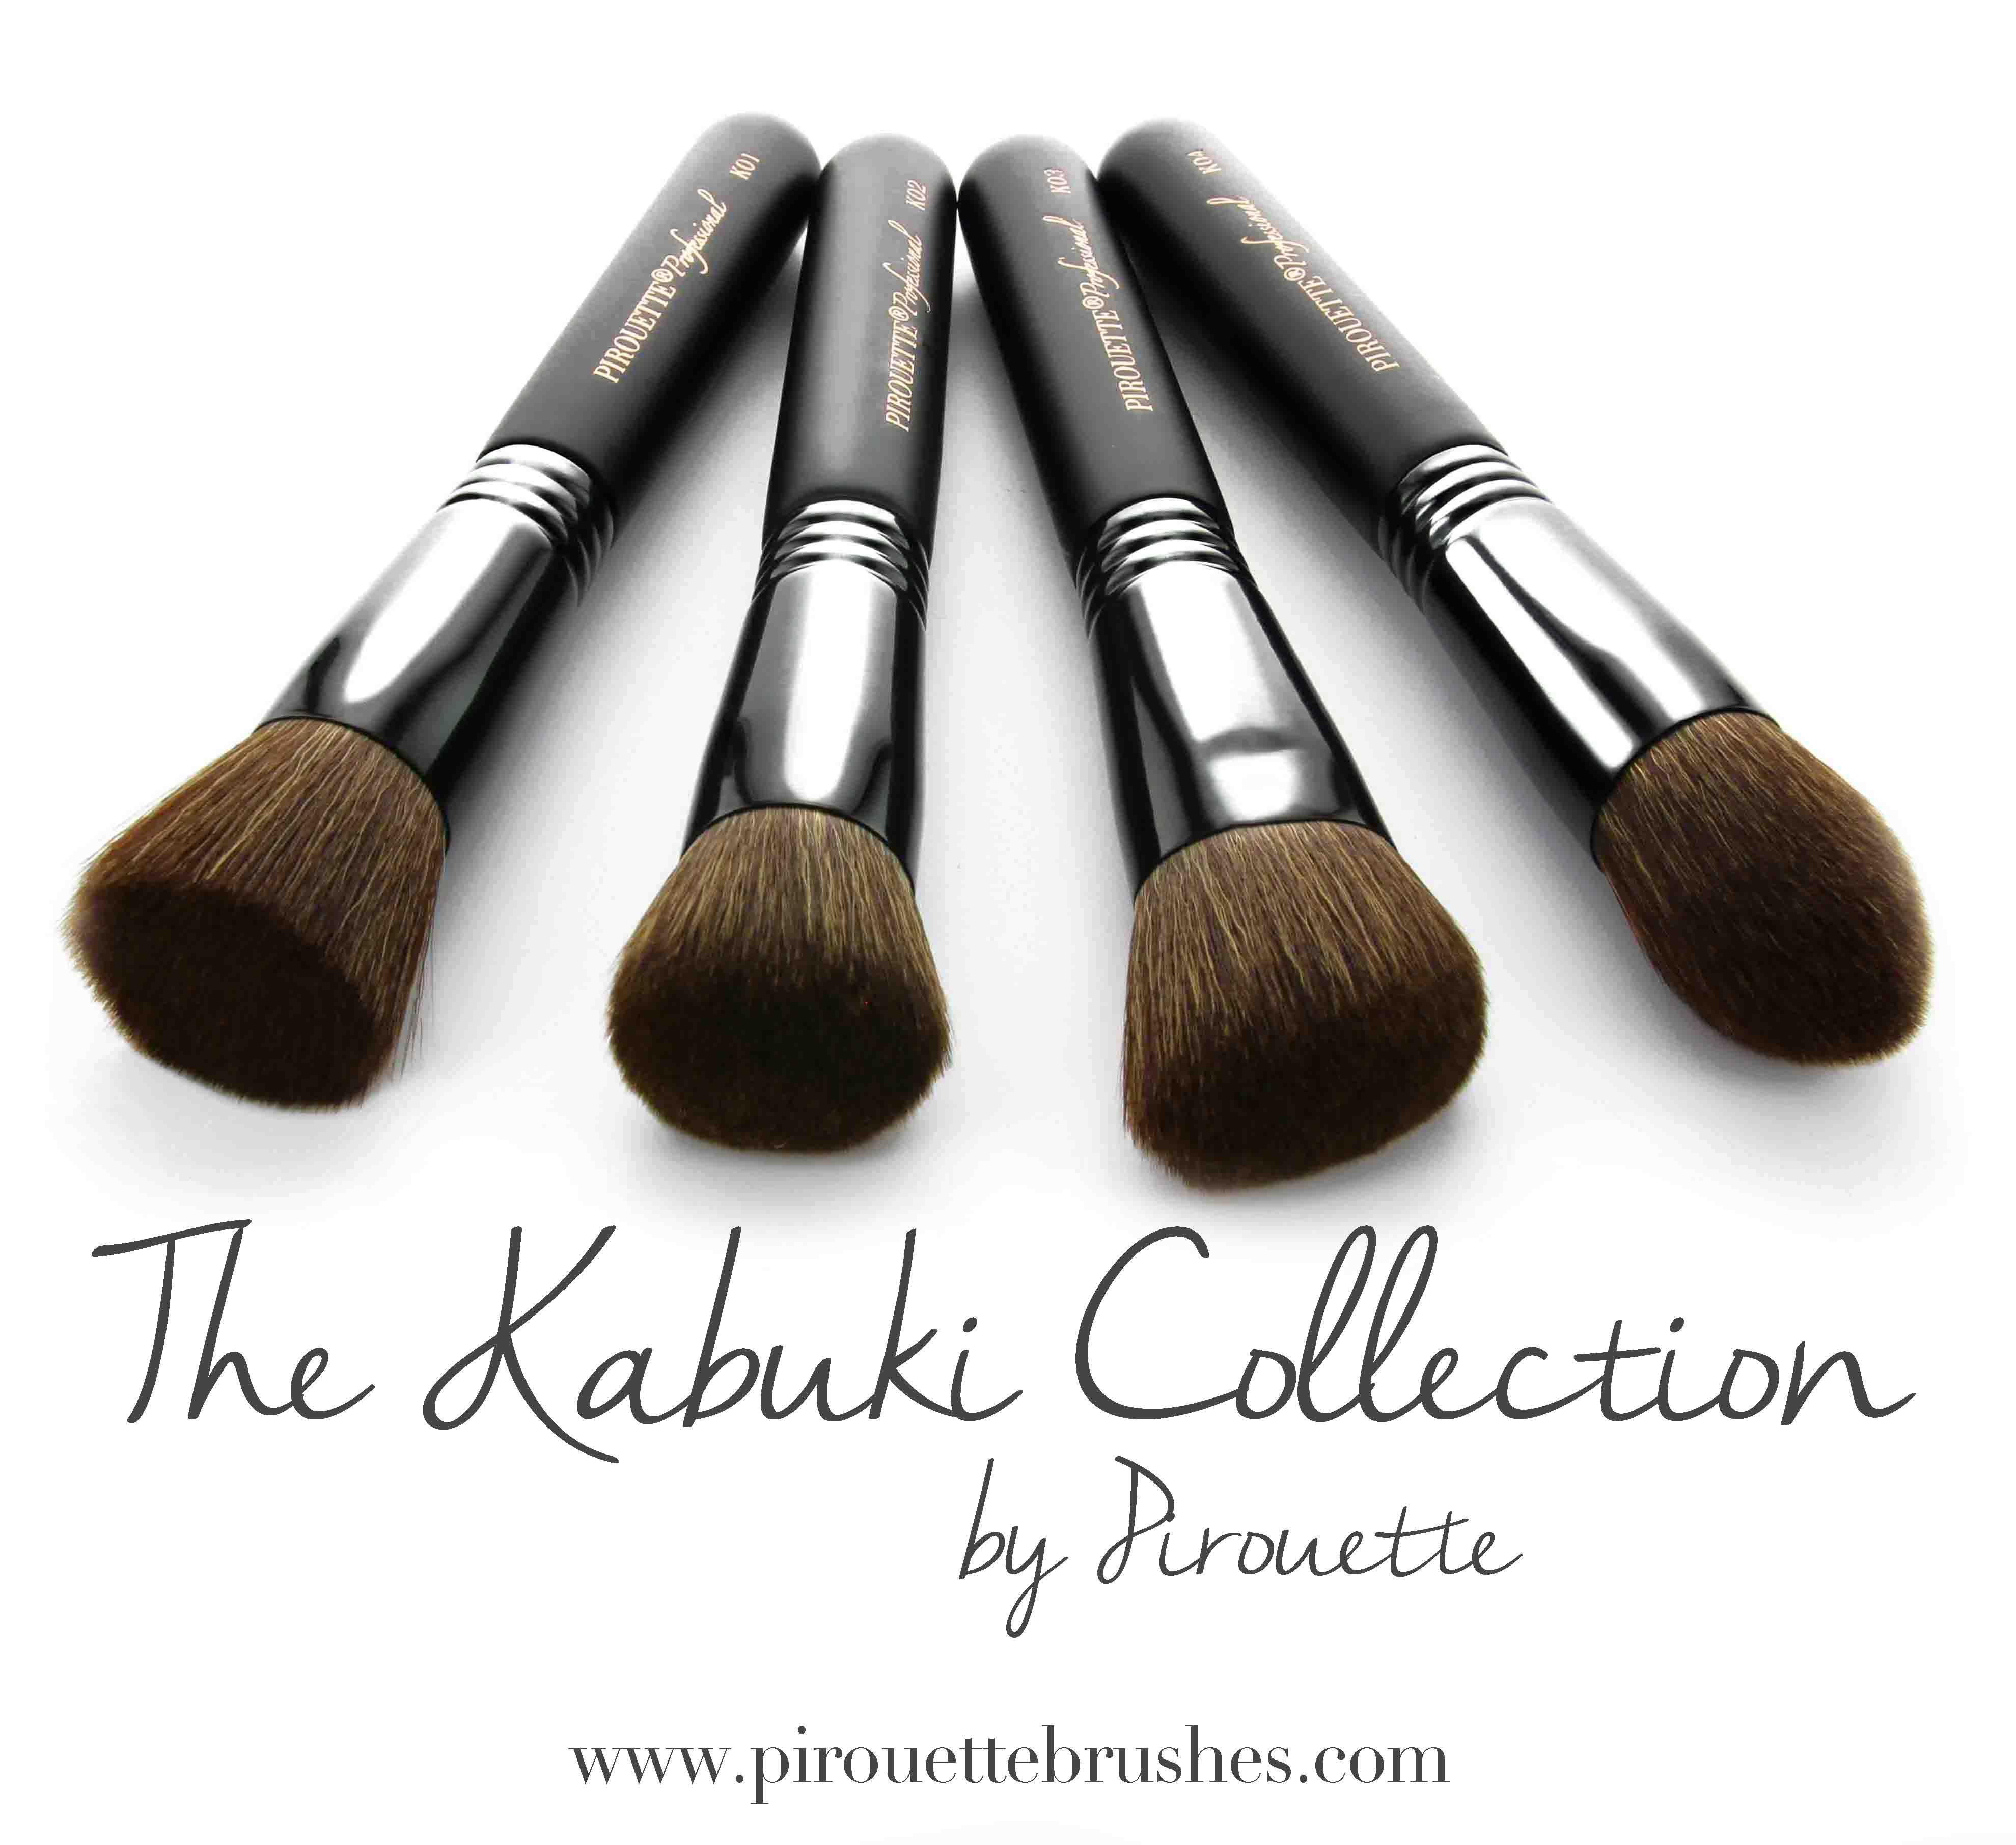 Pirouette Professional Kabuki Brush Collection Kabuki